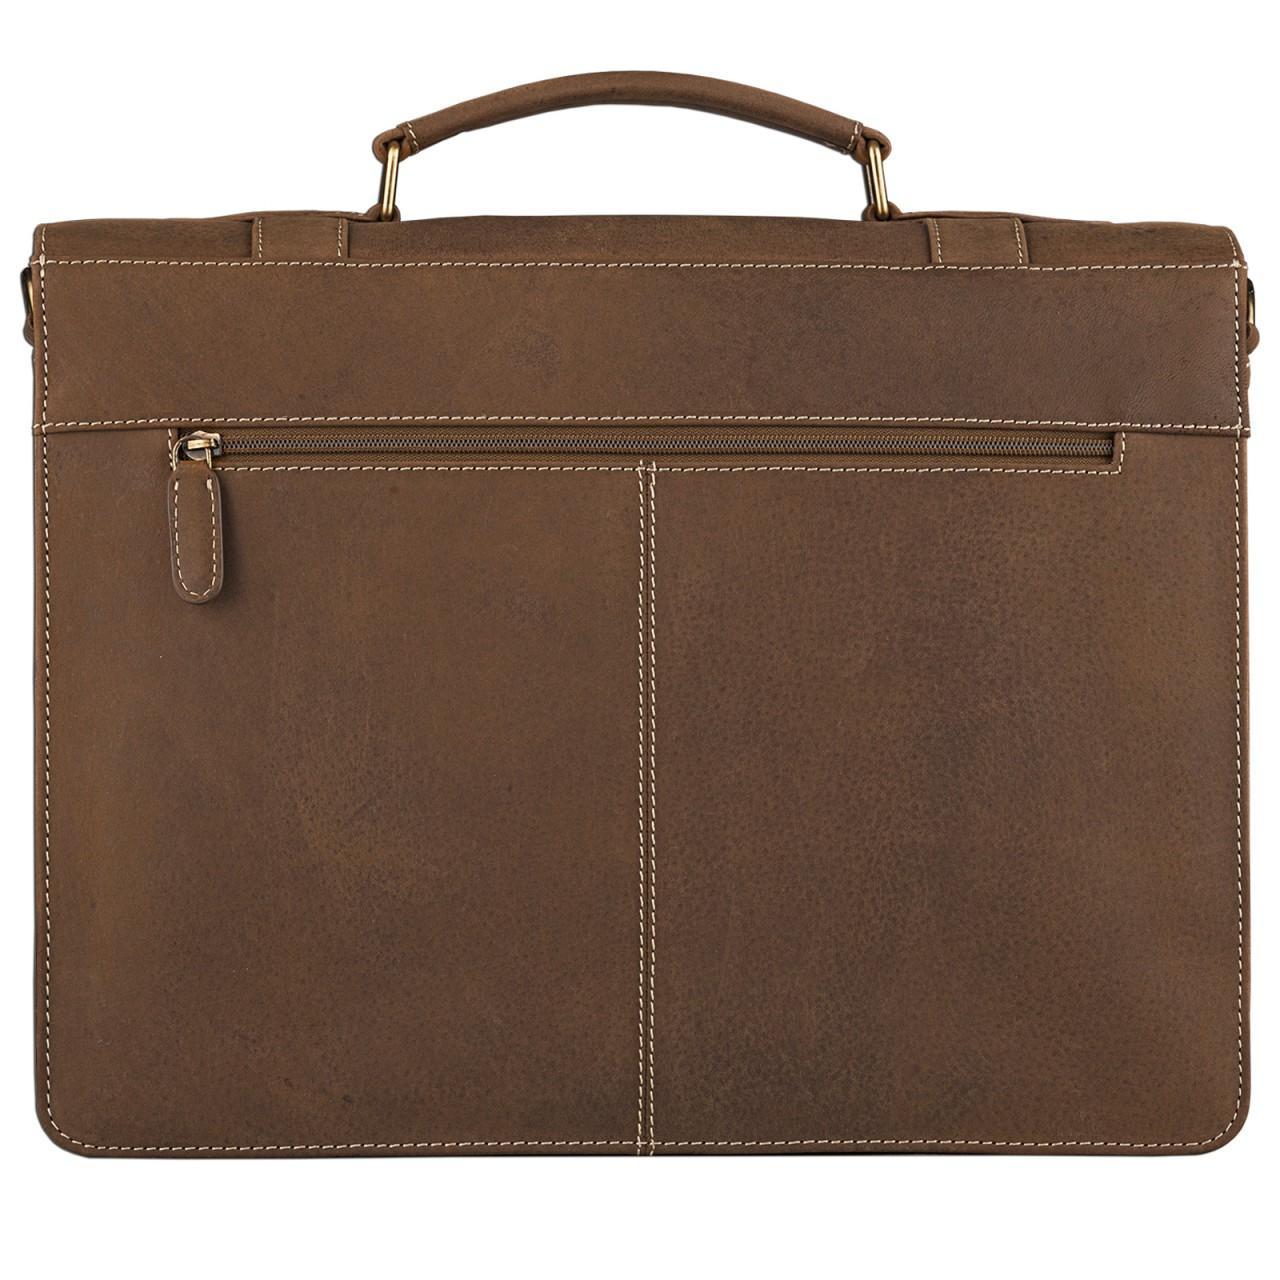 STILORD Elegante Aktentasche Lehrertasche mit Stil, Schulter Hand oder Umhängetasche, Vintage Businesstasche, Leder braun - Bild 4